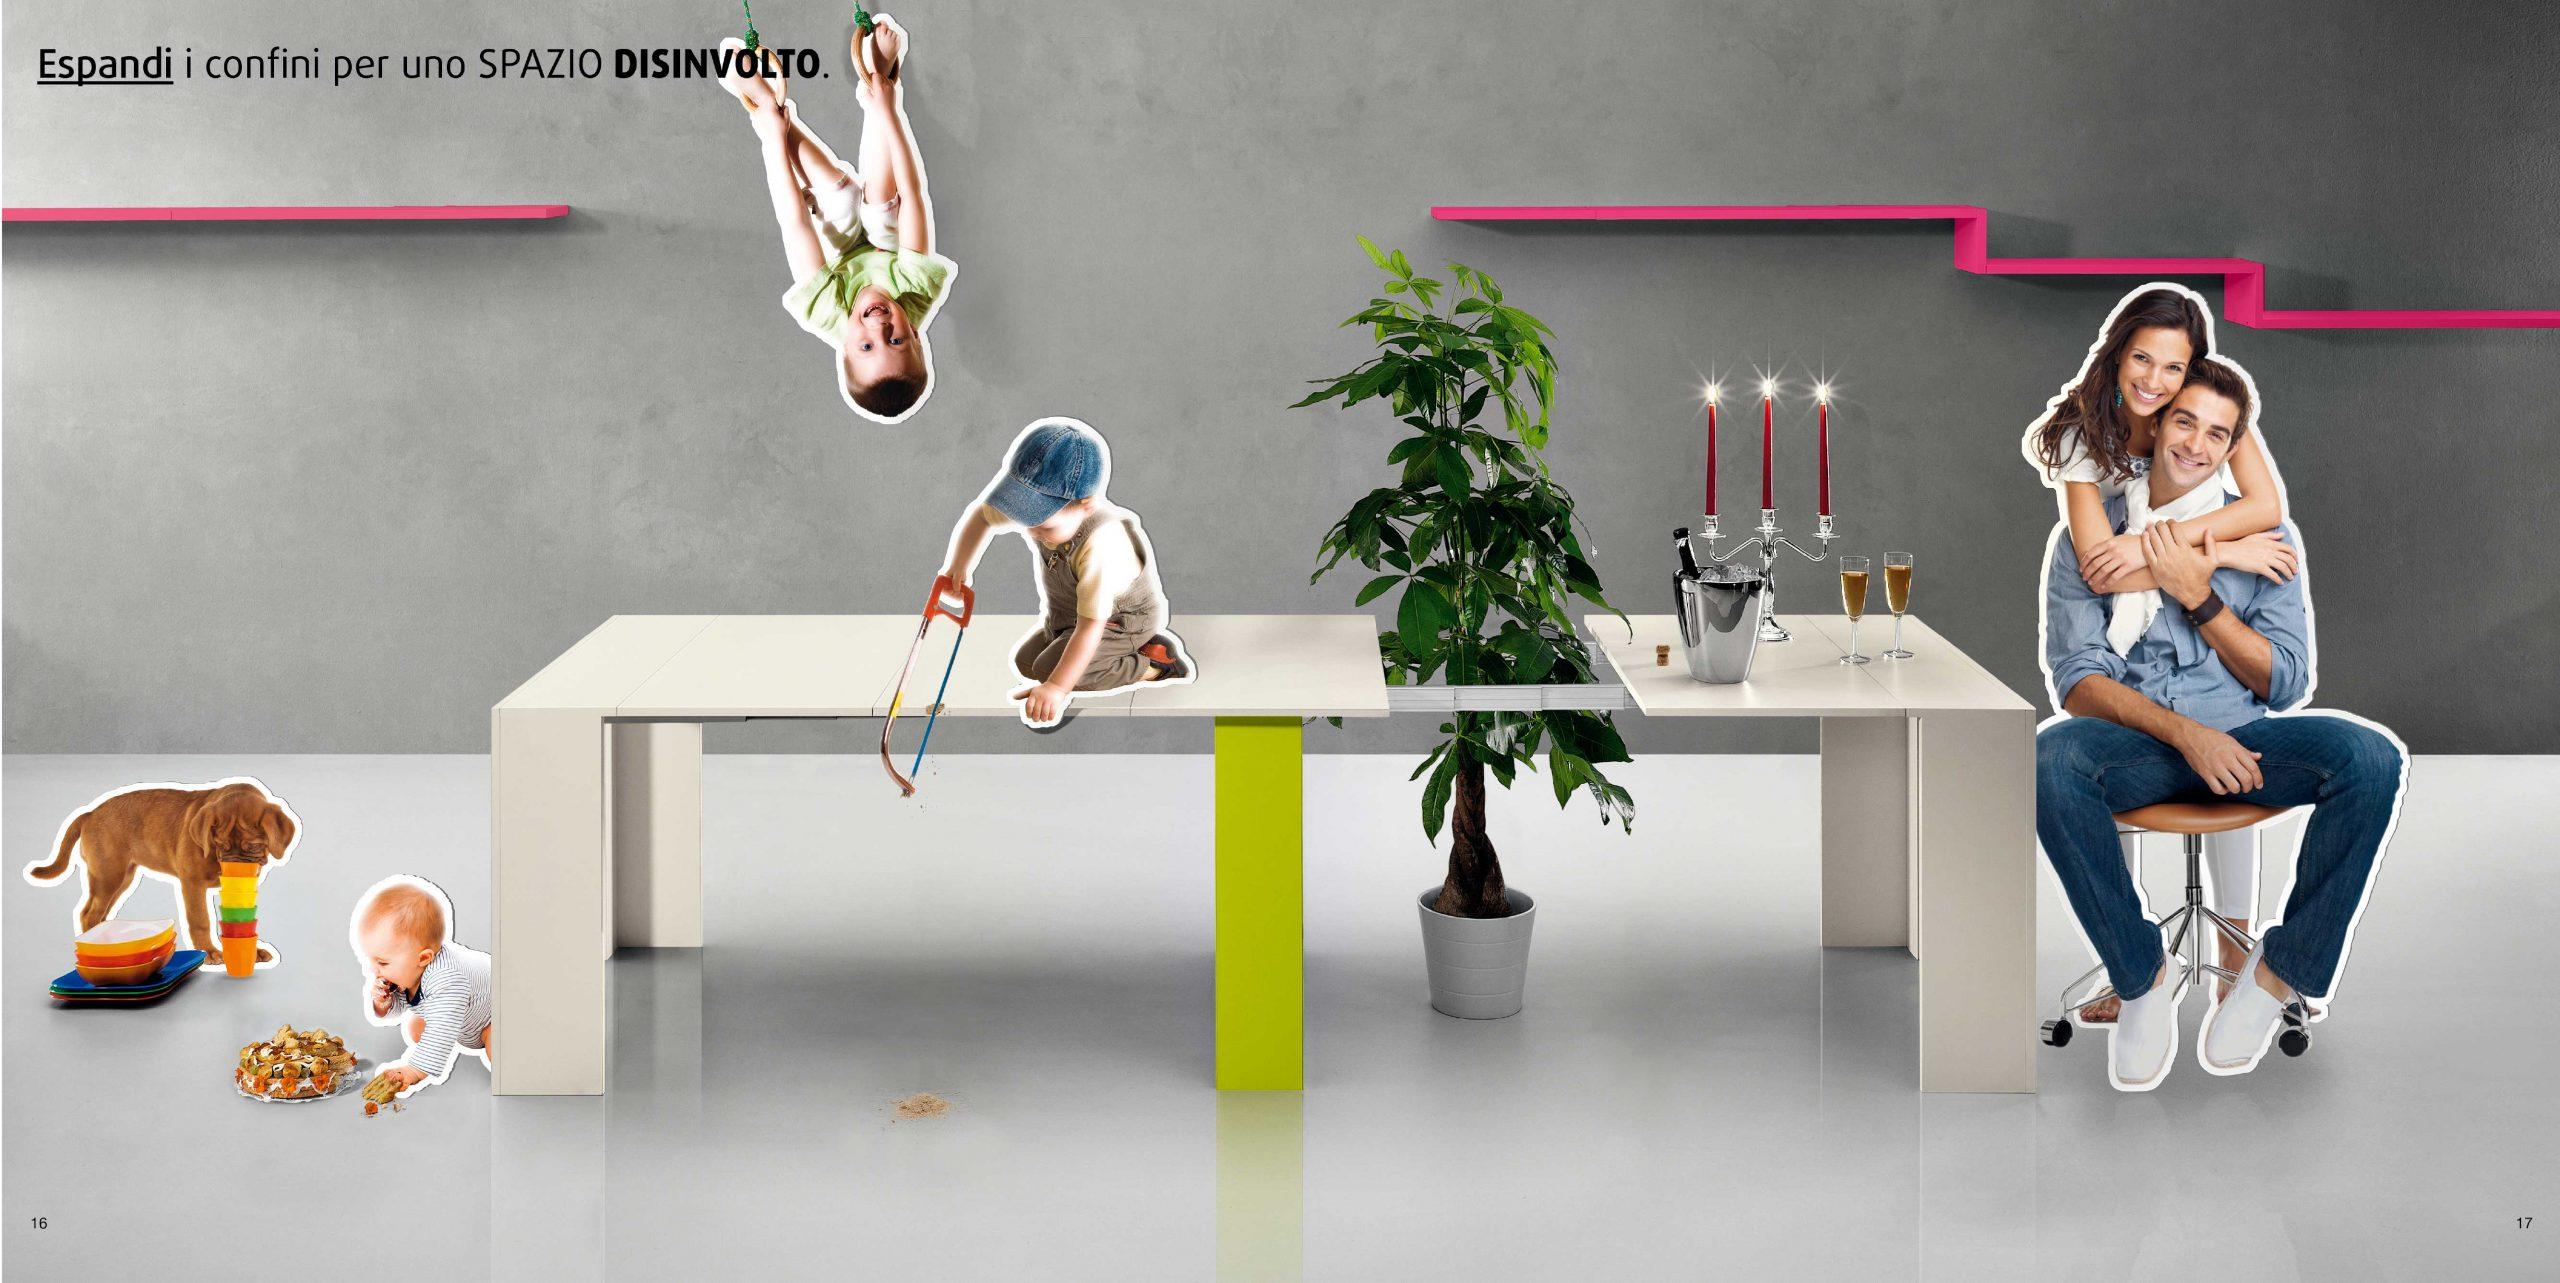 Agenzia-k89design-creazione-depliant-a-padova